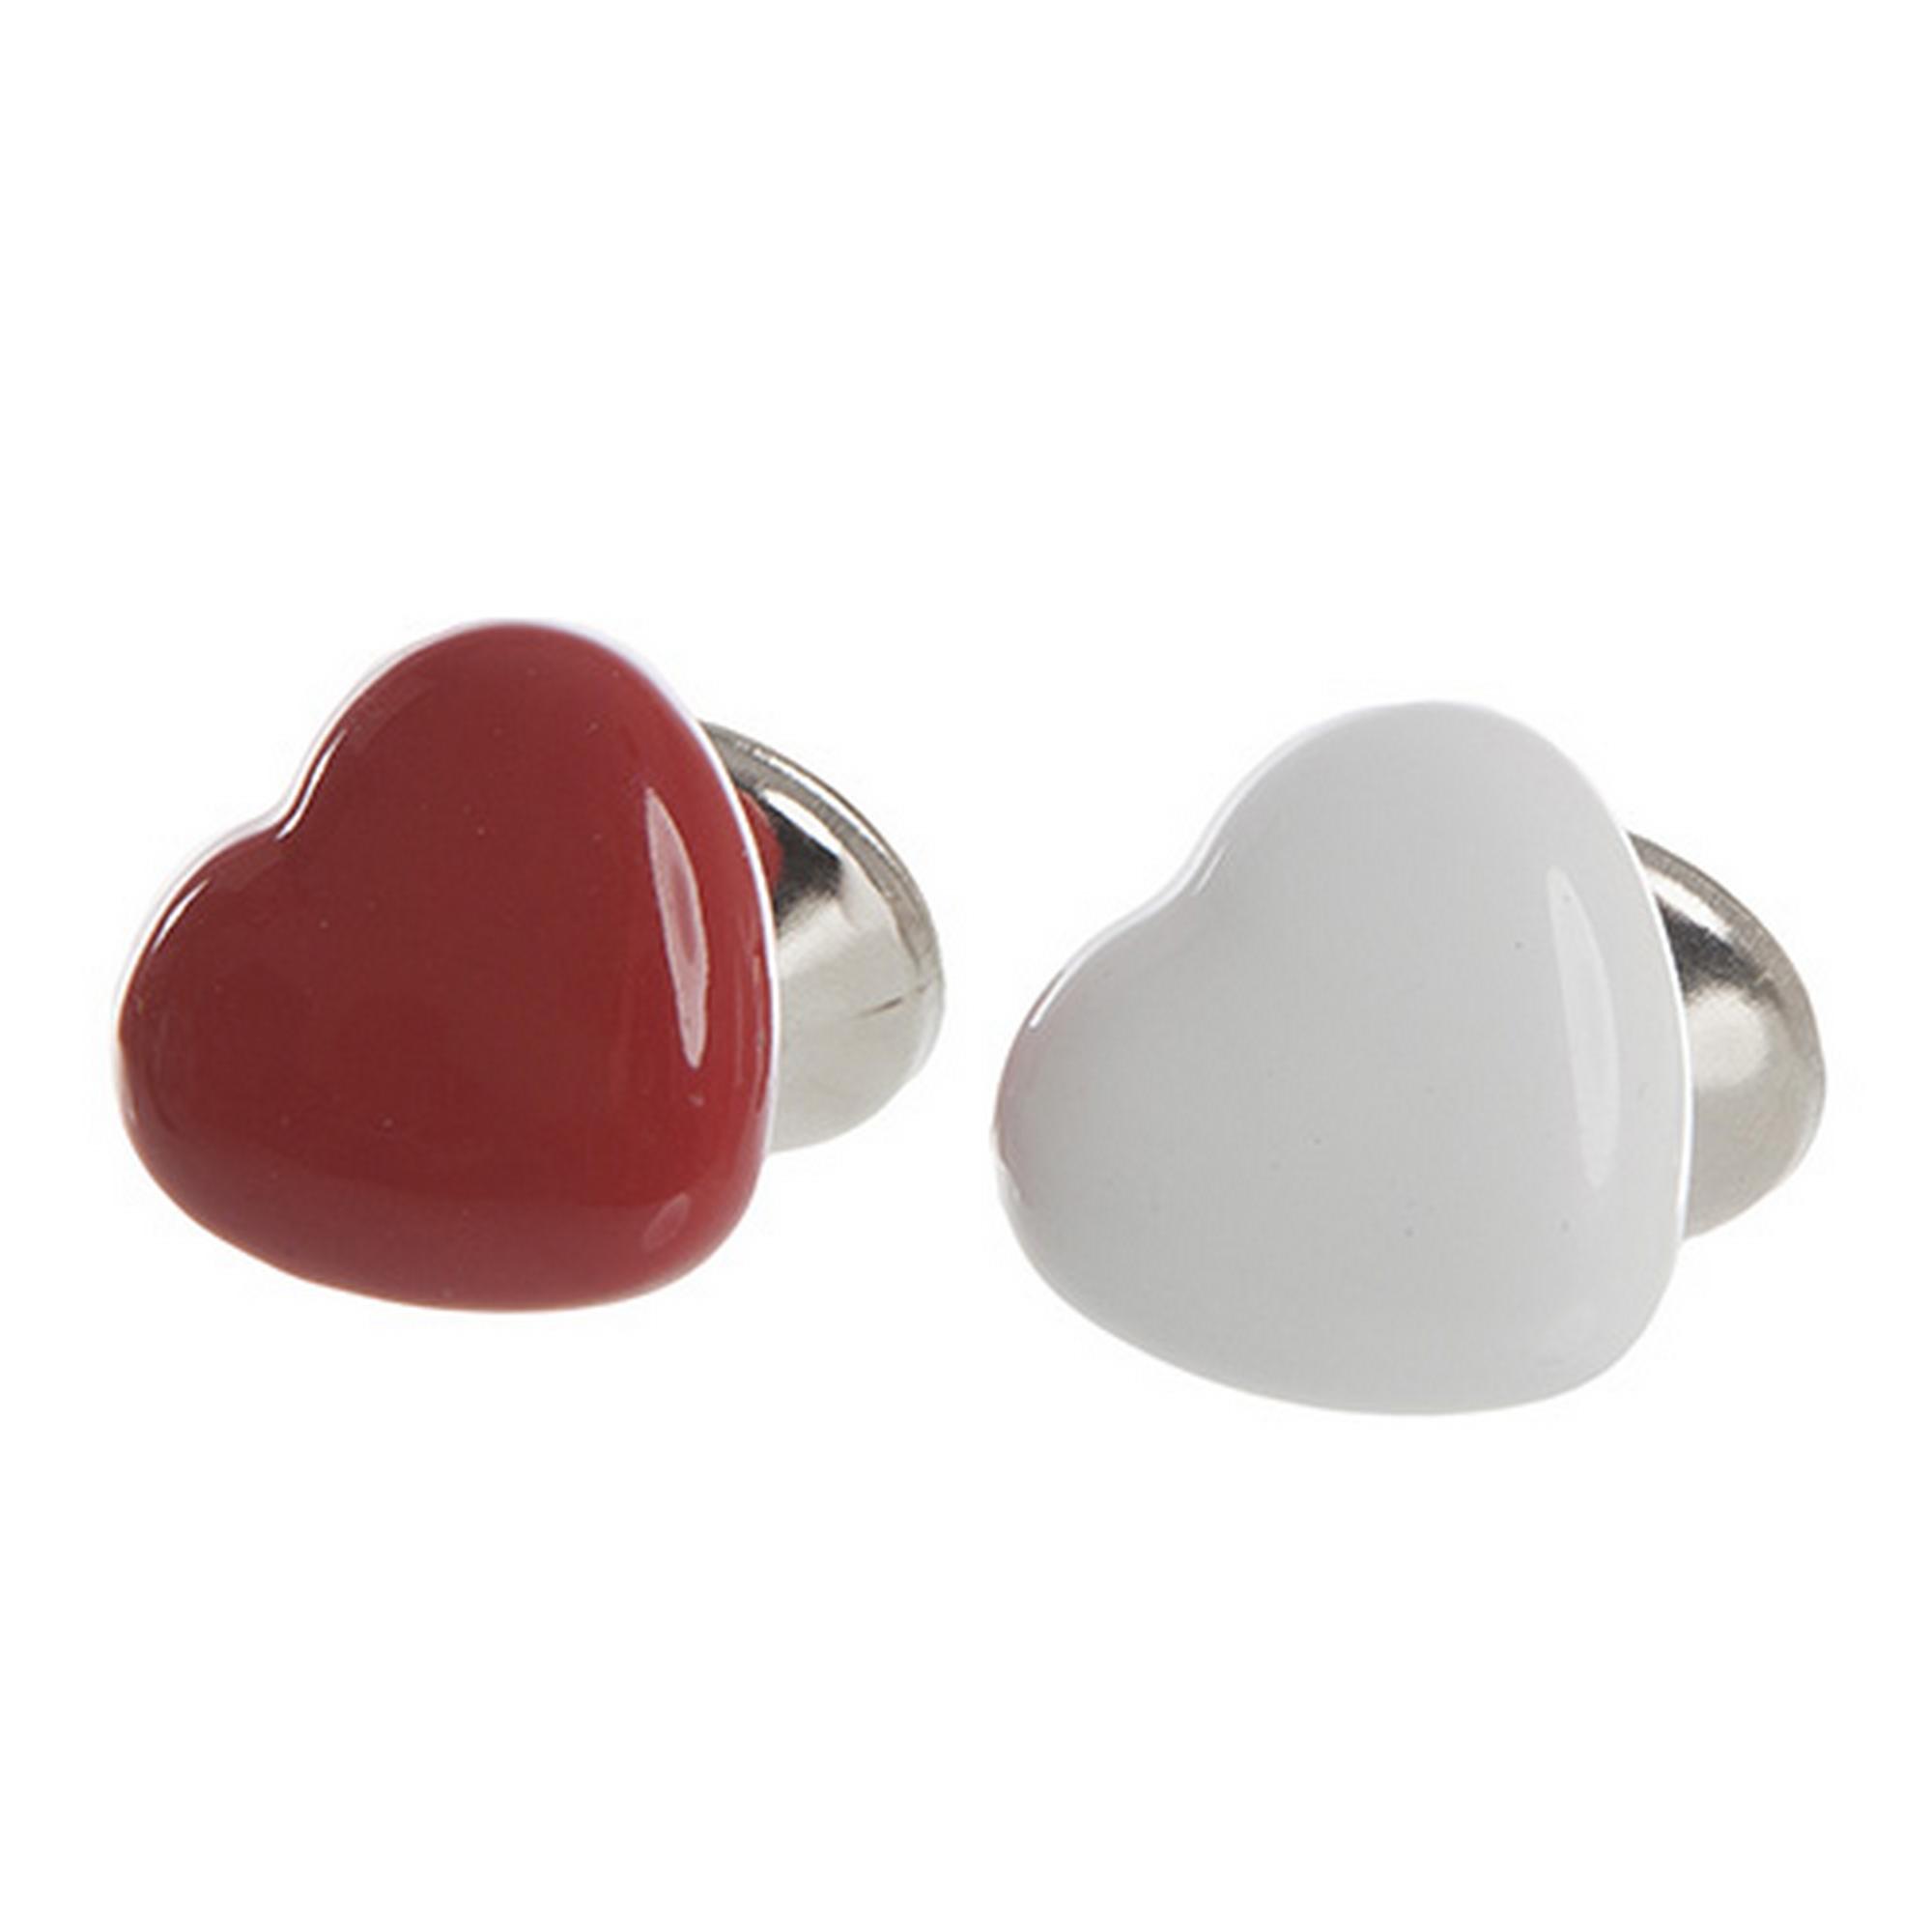 heart shaped door knobs photo - 5